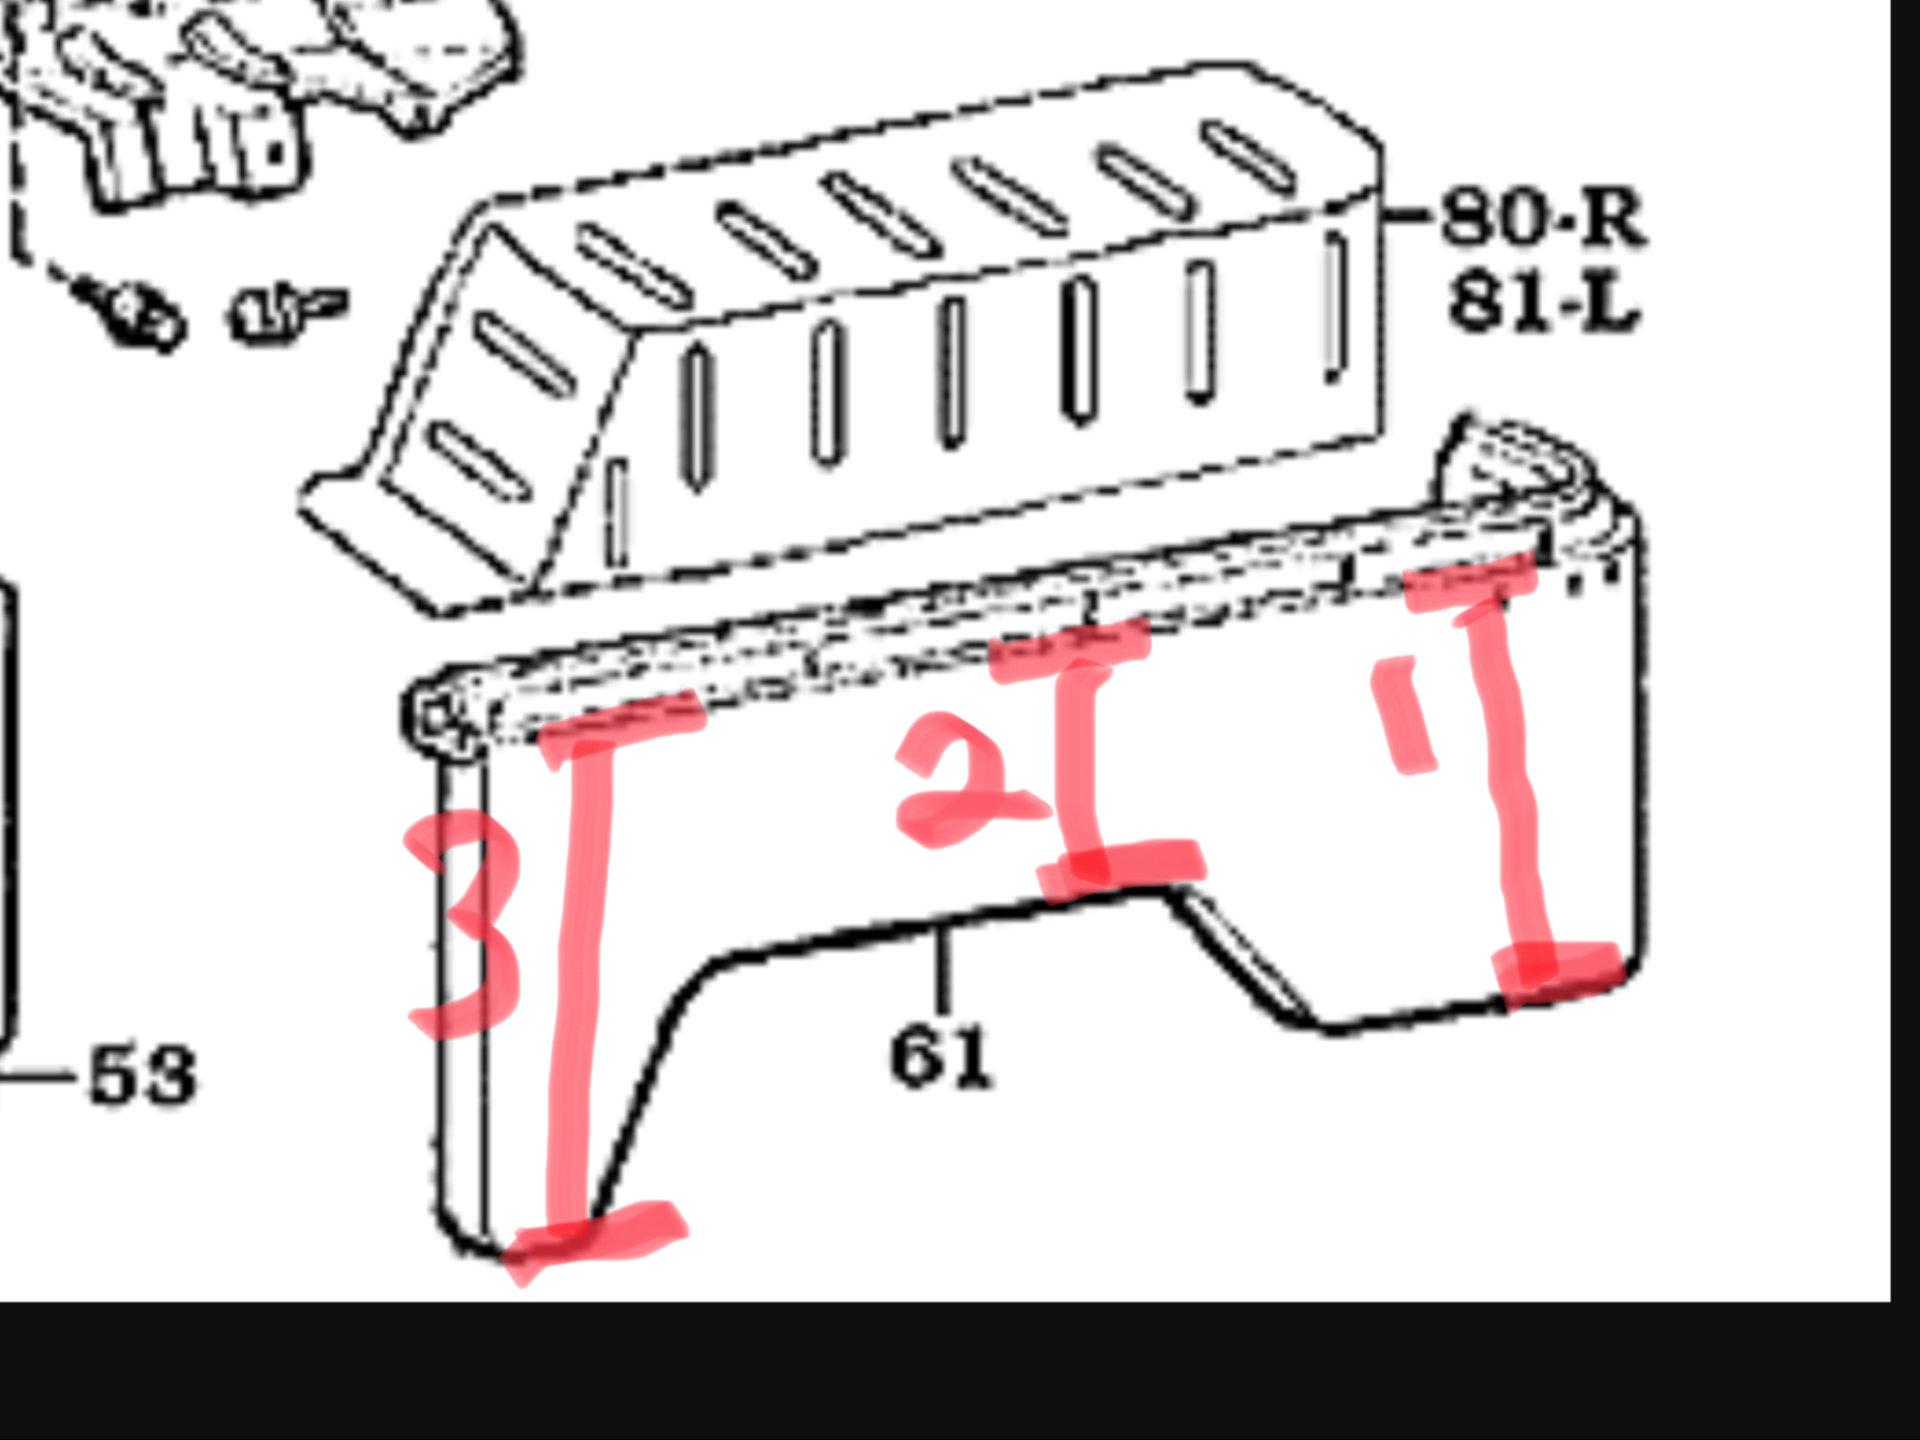 AFDBE31C-F1C2-4F53-9C98-CA5488010D85.jpeg